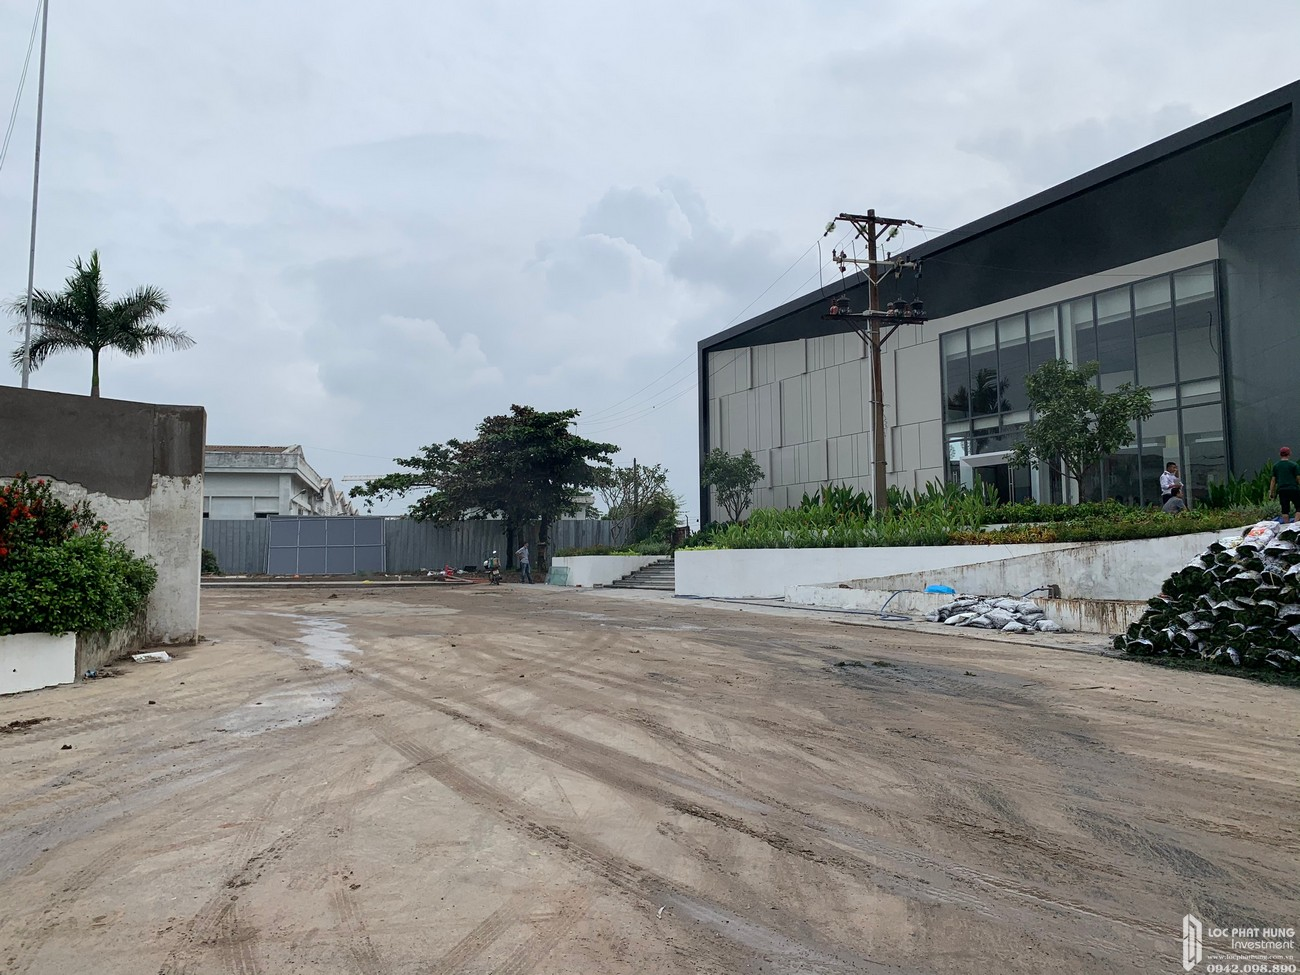 Tiến độ dự án căn hộ chung cư Anderson Park Thuận An Bình Dương